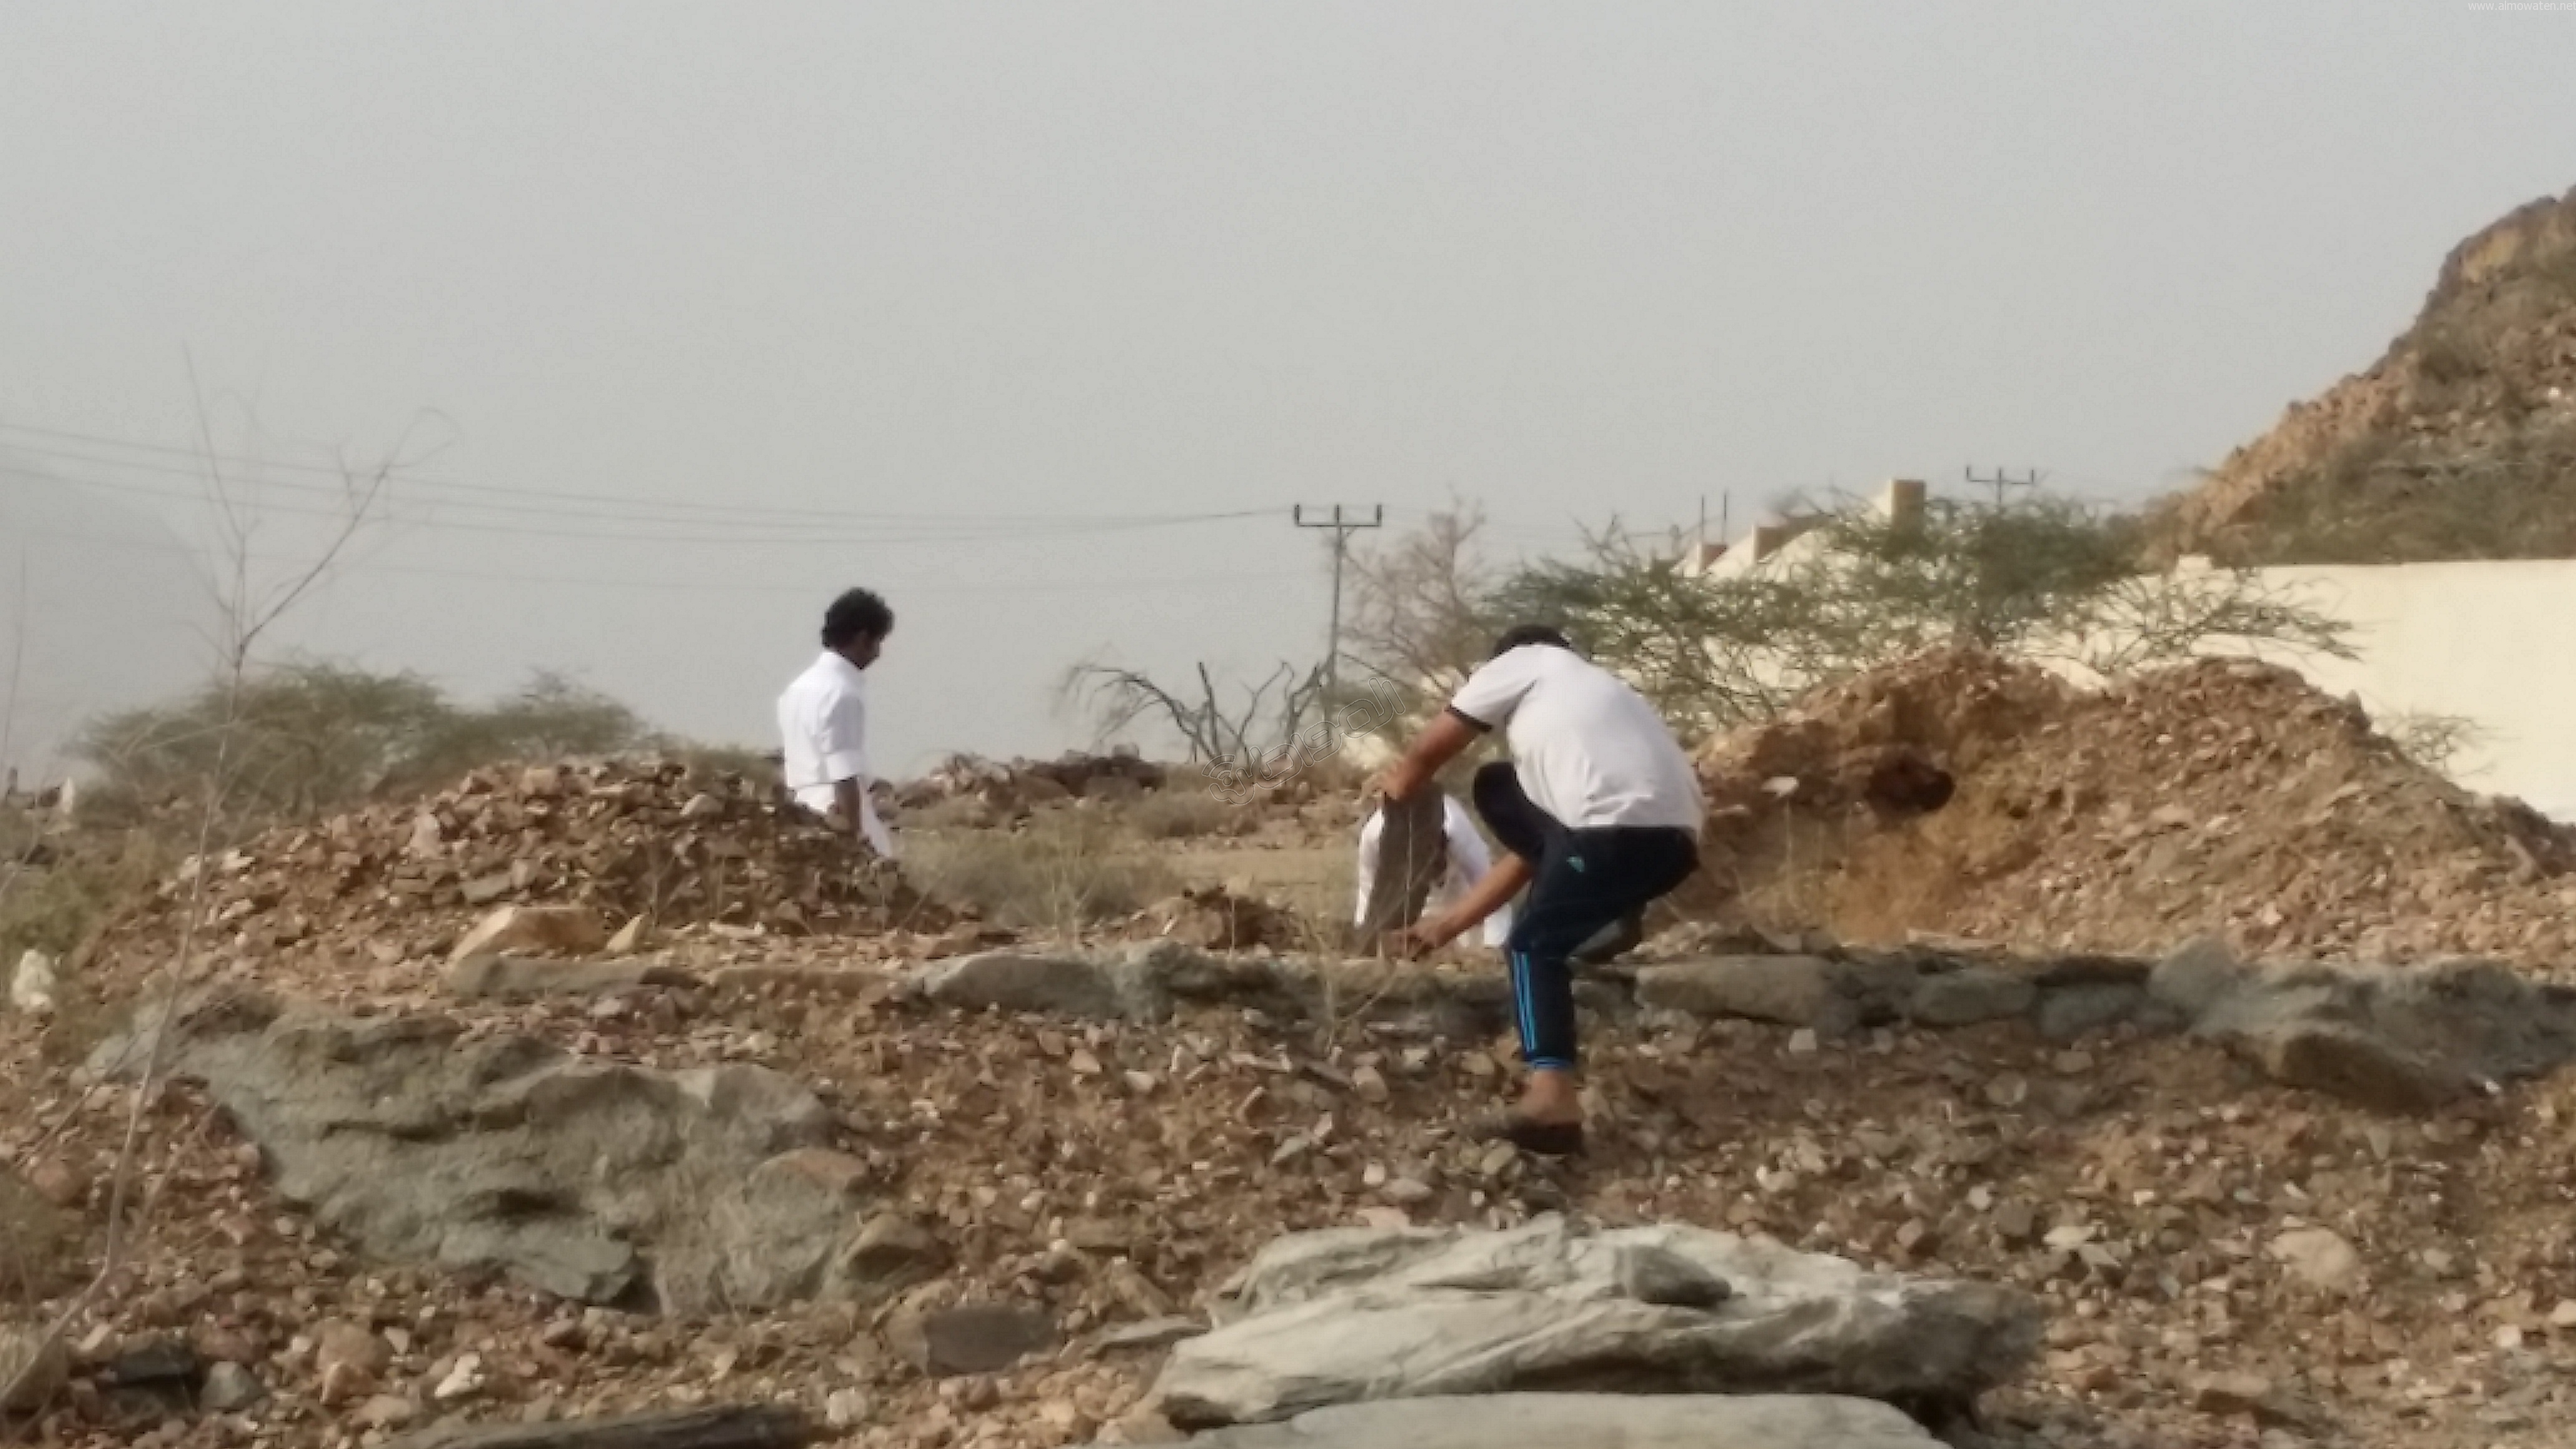 شباب #وادي_العرج ينقذون مقابرهم من السيول وبلدية #أضم غائبة (1)